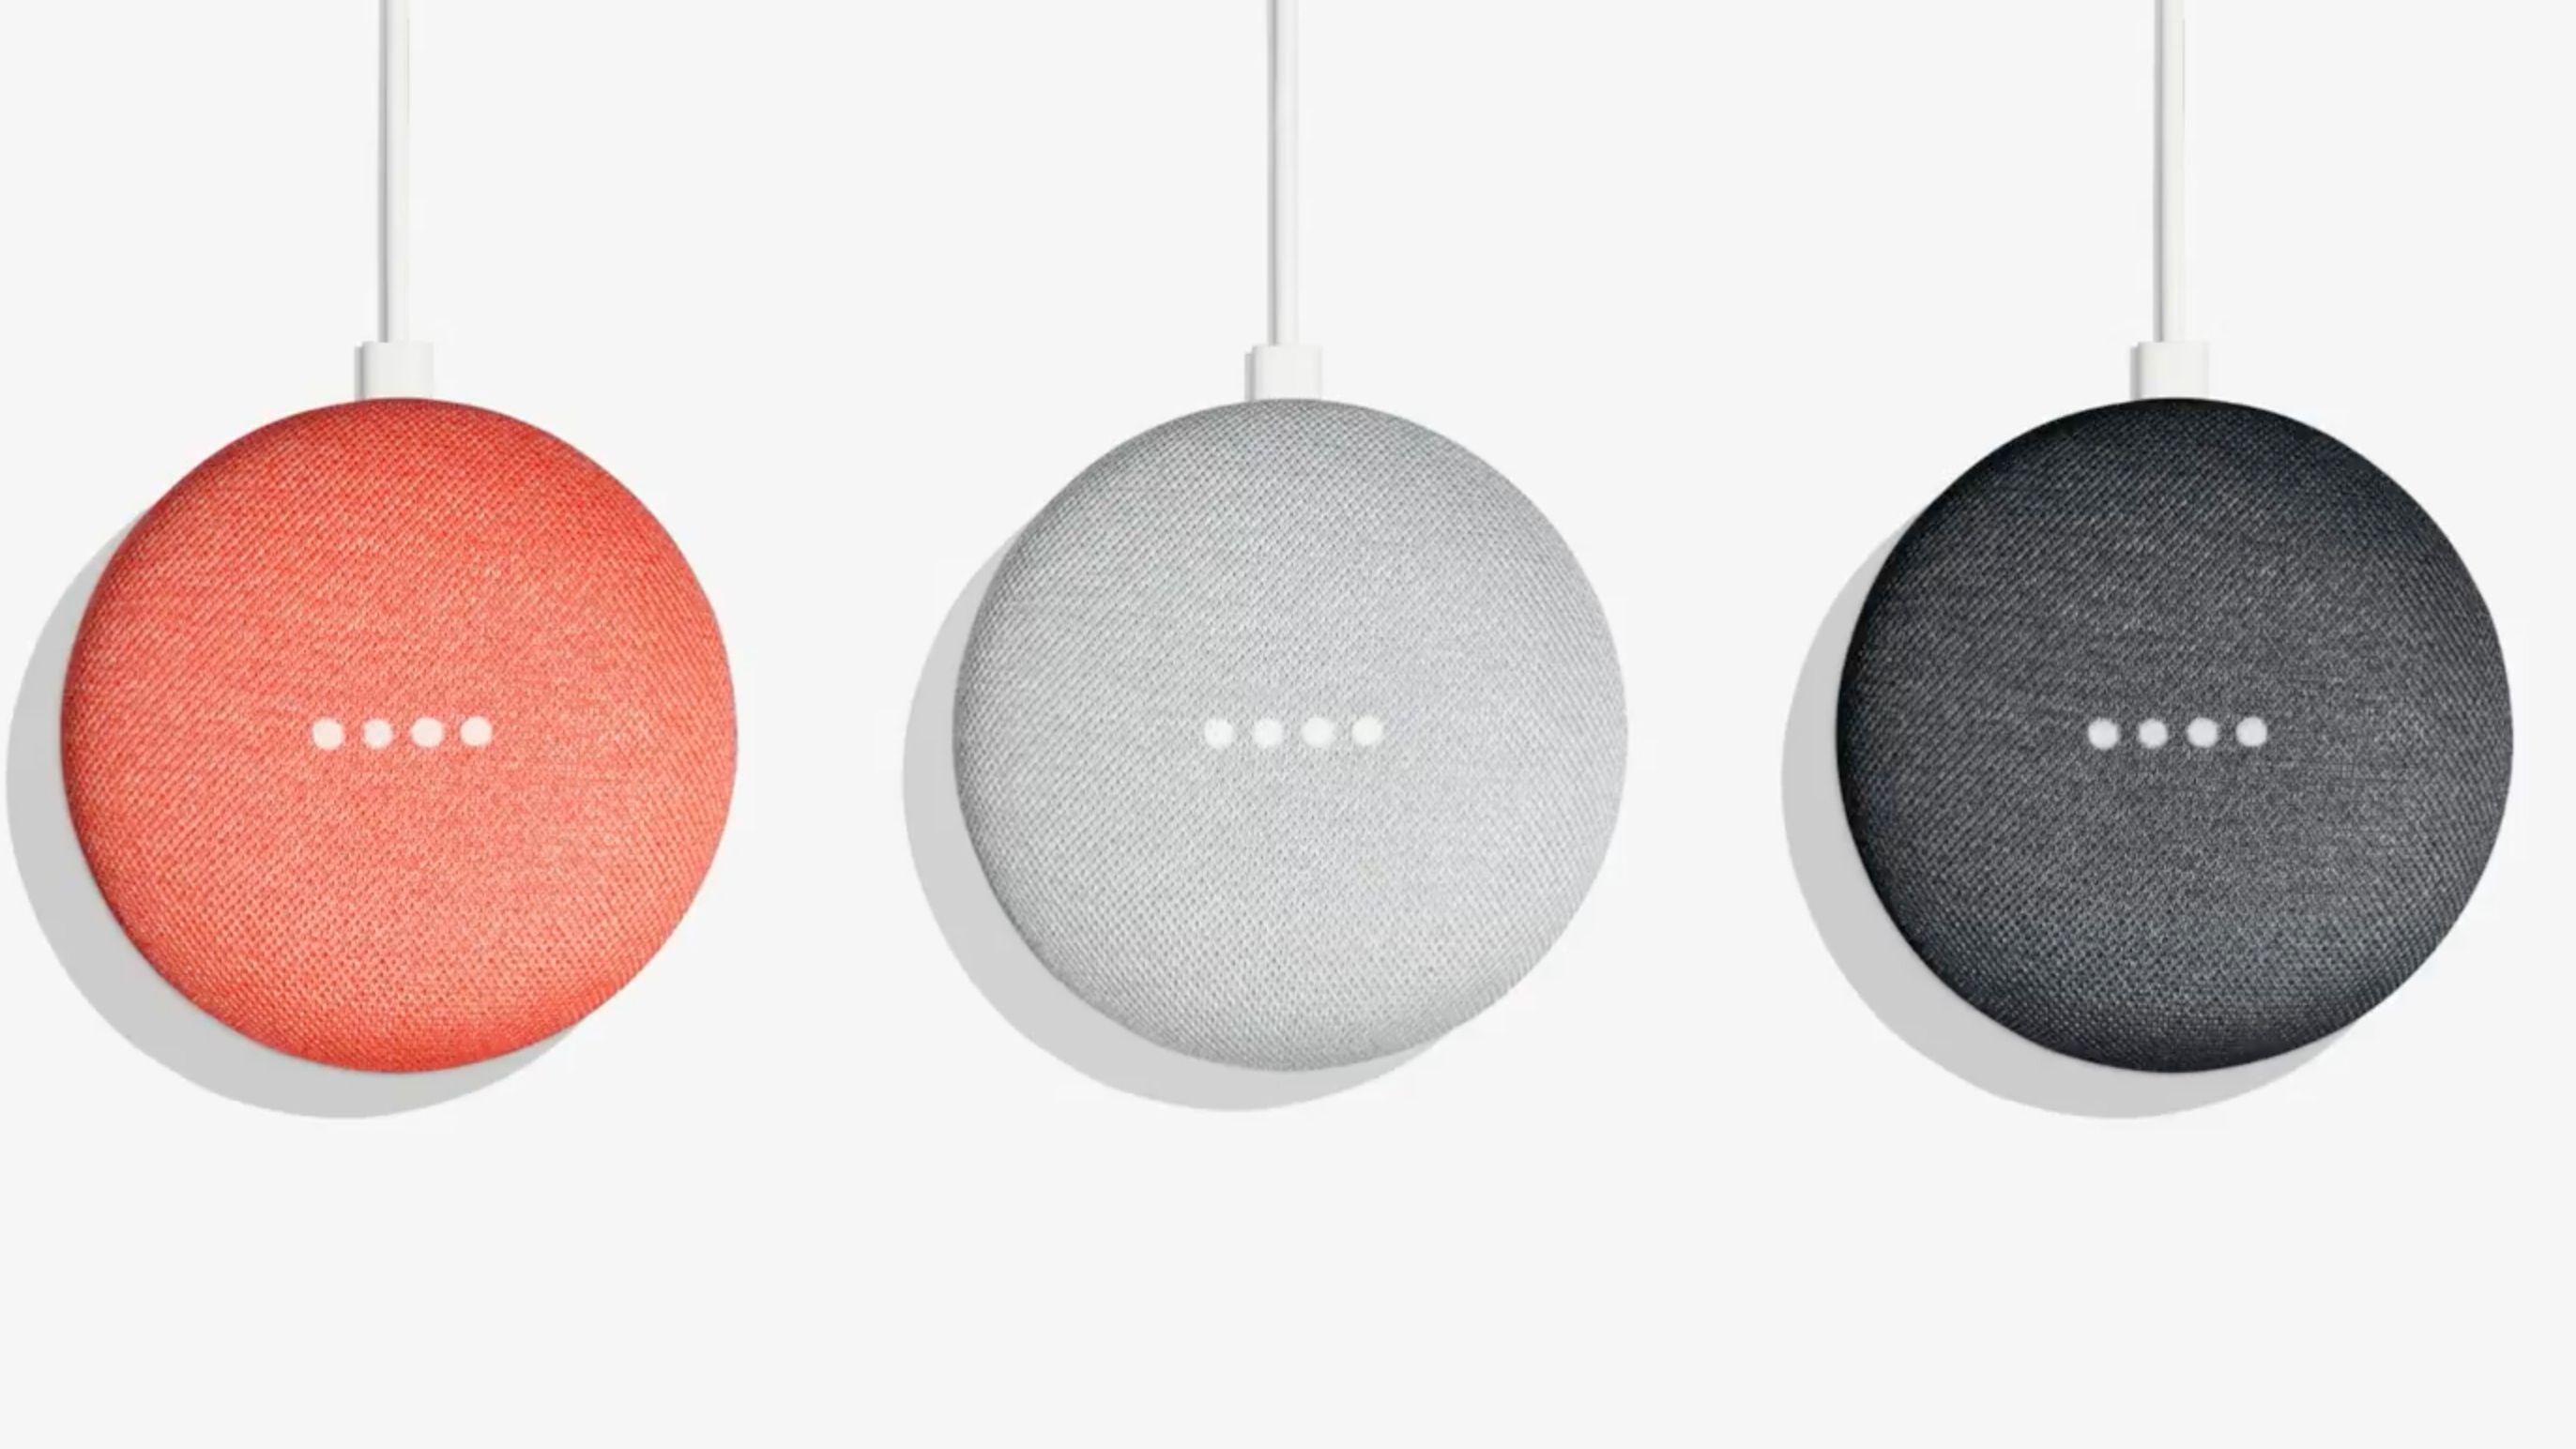 Googles nye smarthøyttaler koster veldig lite og tar liten plass